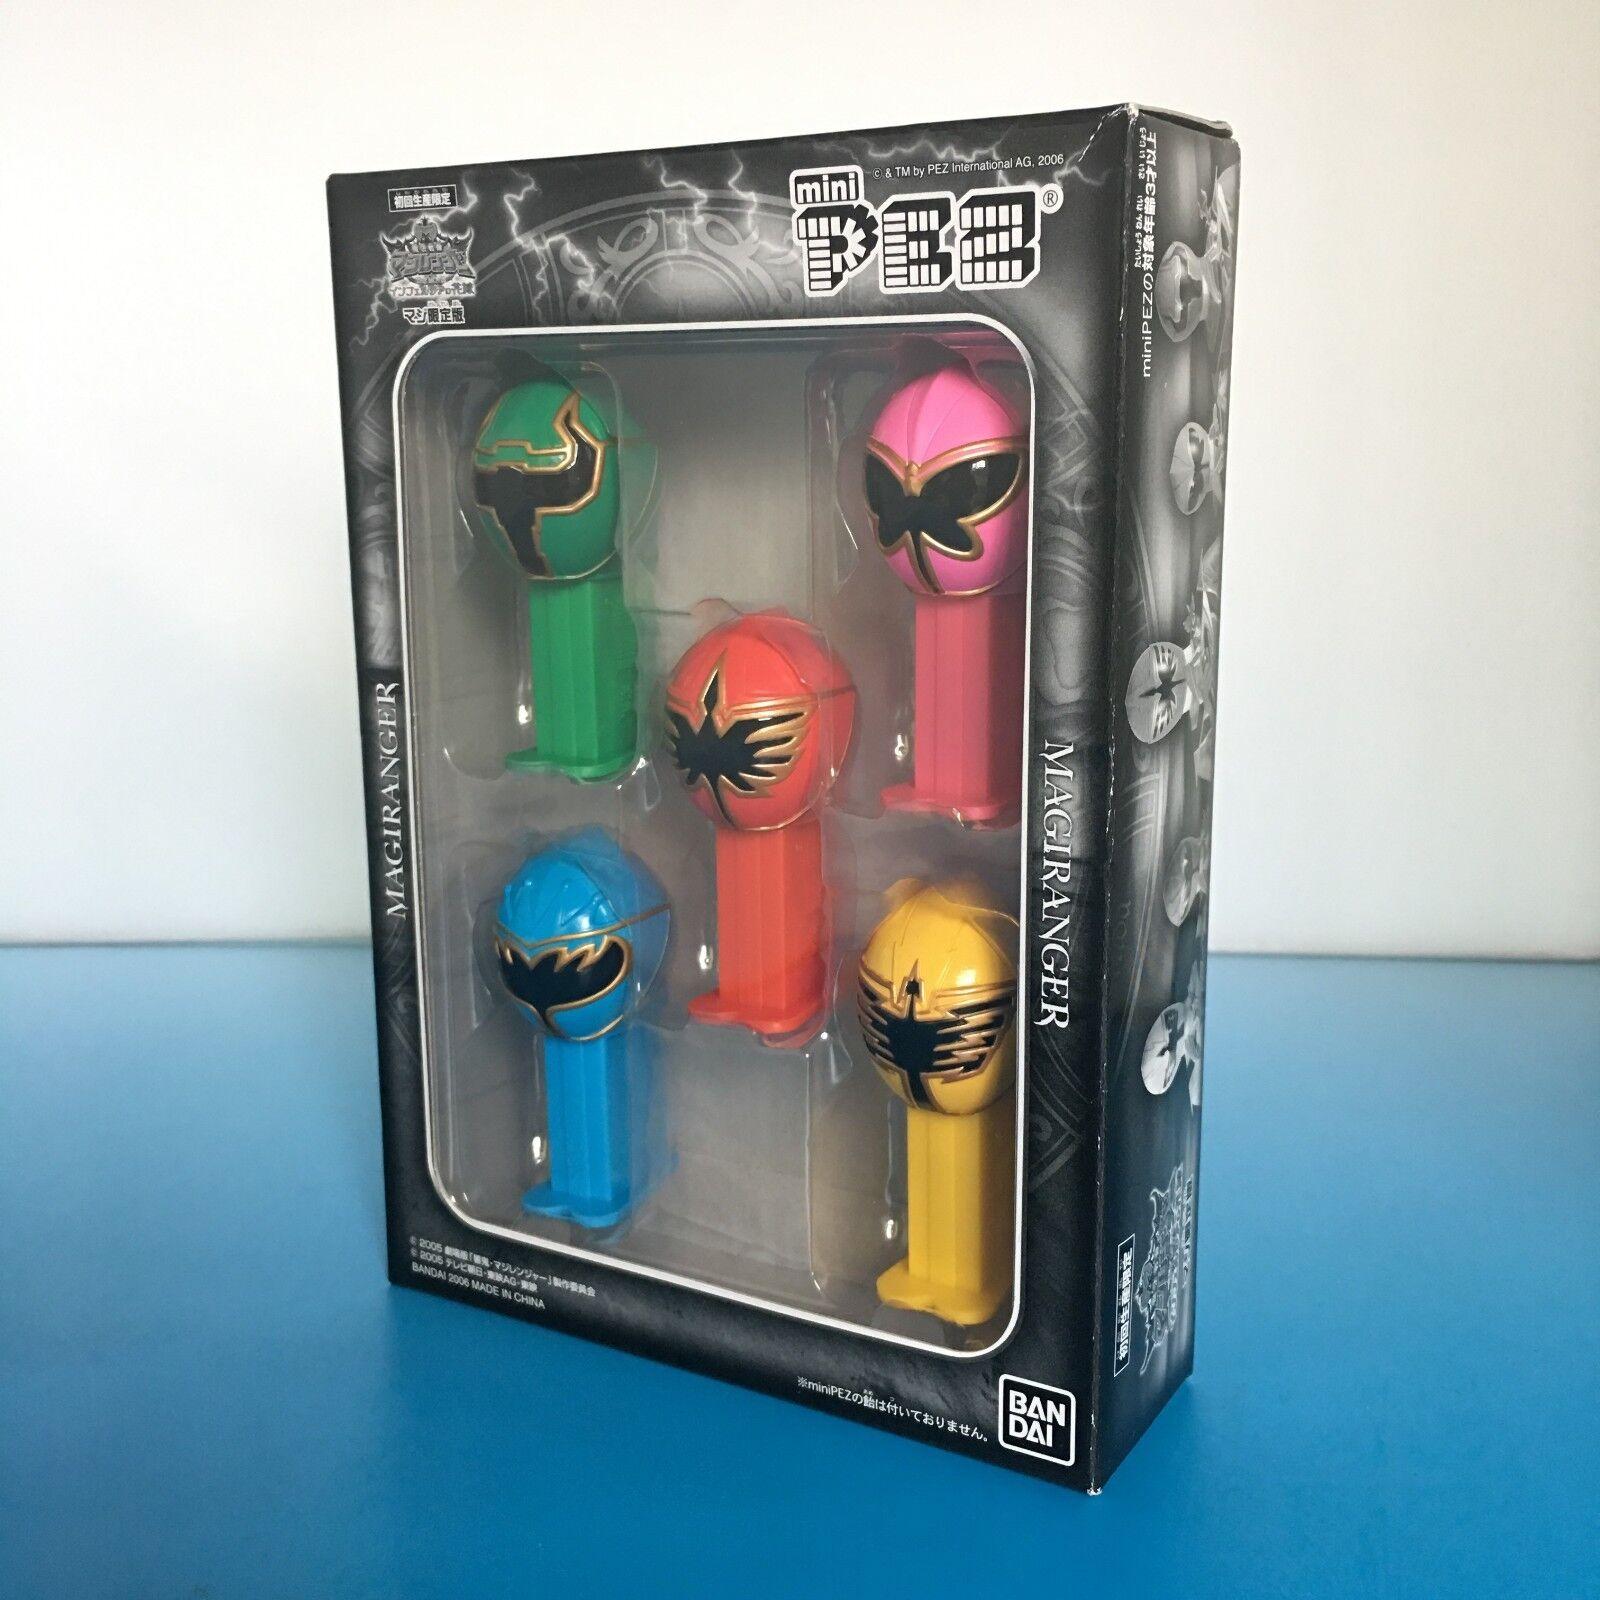 PEZ MINI Bandai MagiRanger Mini-Pez Box Set  Mini-Pez Dispensers Dispensers Dispensers A407 7a3eca